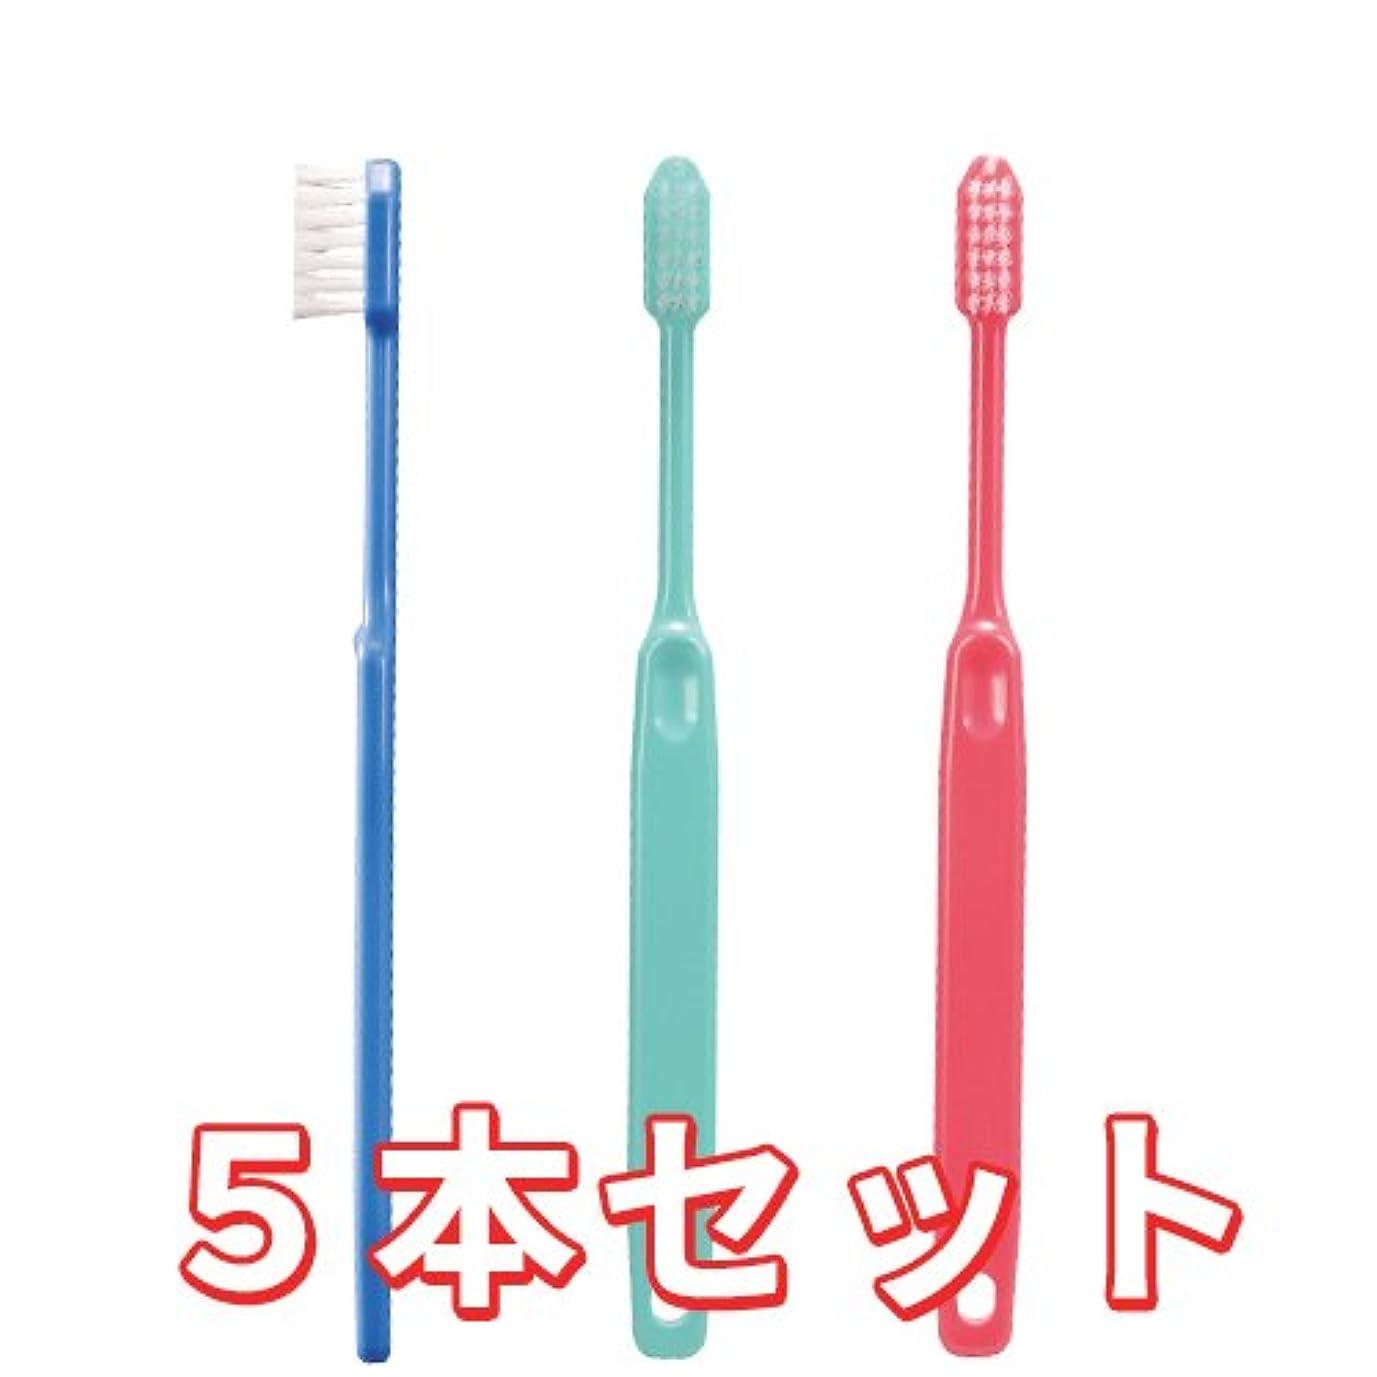 最適ブルゴーニュ死にかけているCiメディカル 歯ブラシ コンパクトヘッド 疎毛タイプ アソート 5本 (Ci22(ふつう))